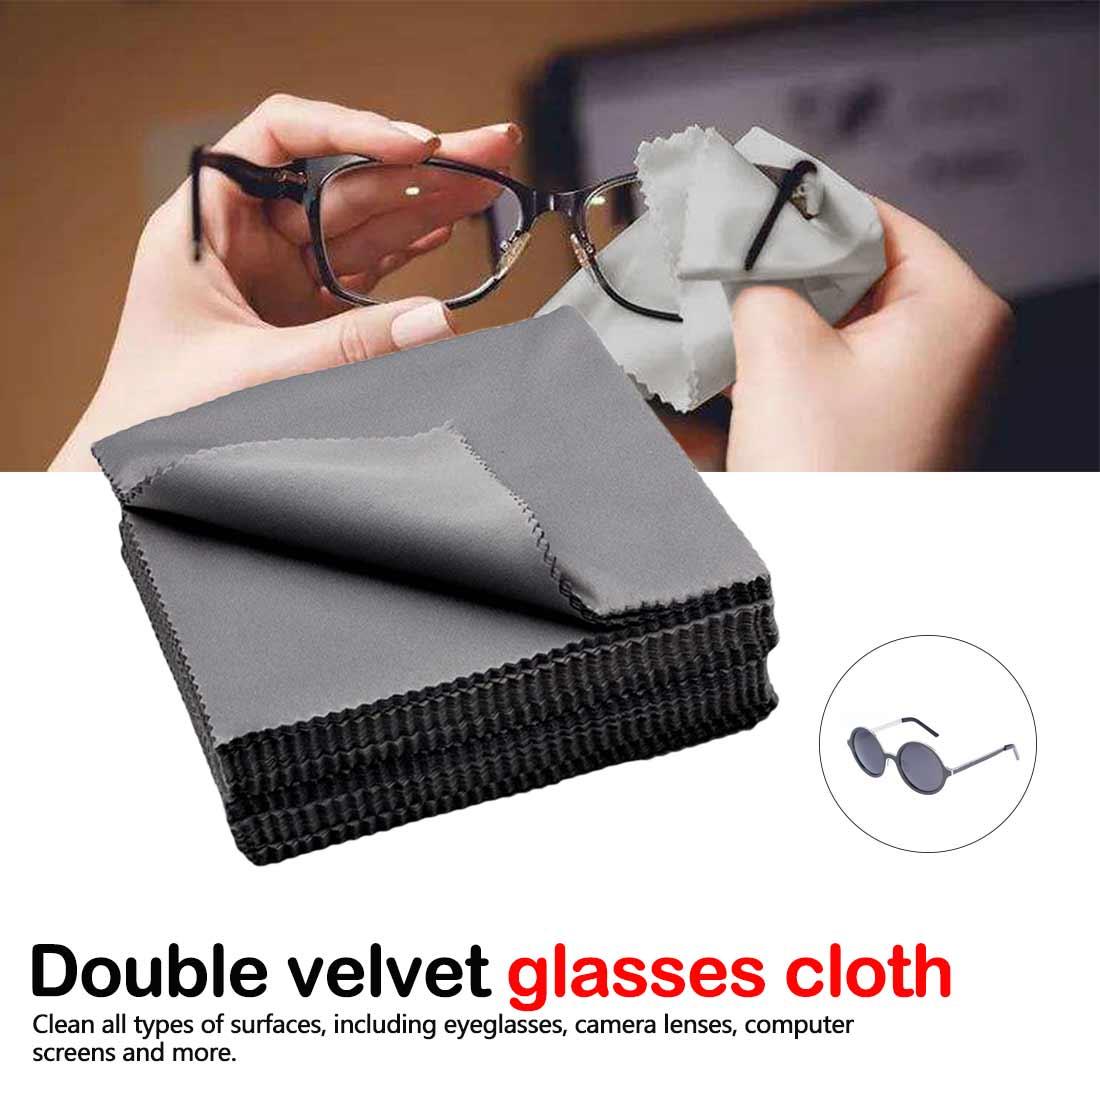 10 шт./лот, высокое качество, очиститель для очков, 140 мм * 135 мм, ткань из микрофибры для чистки очков, для чистки линз, для очистки экрана телефона, Wi-Fi